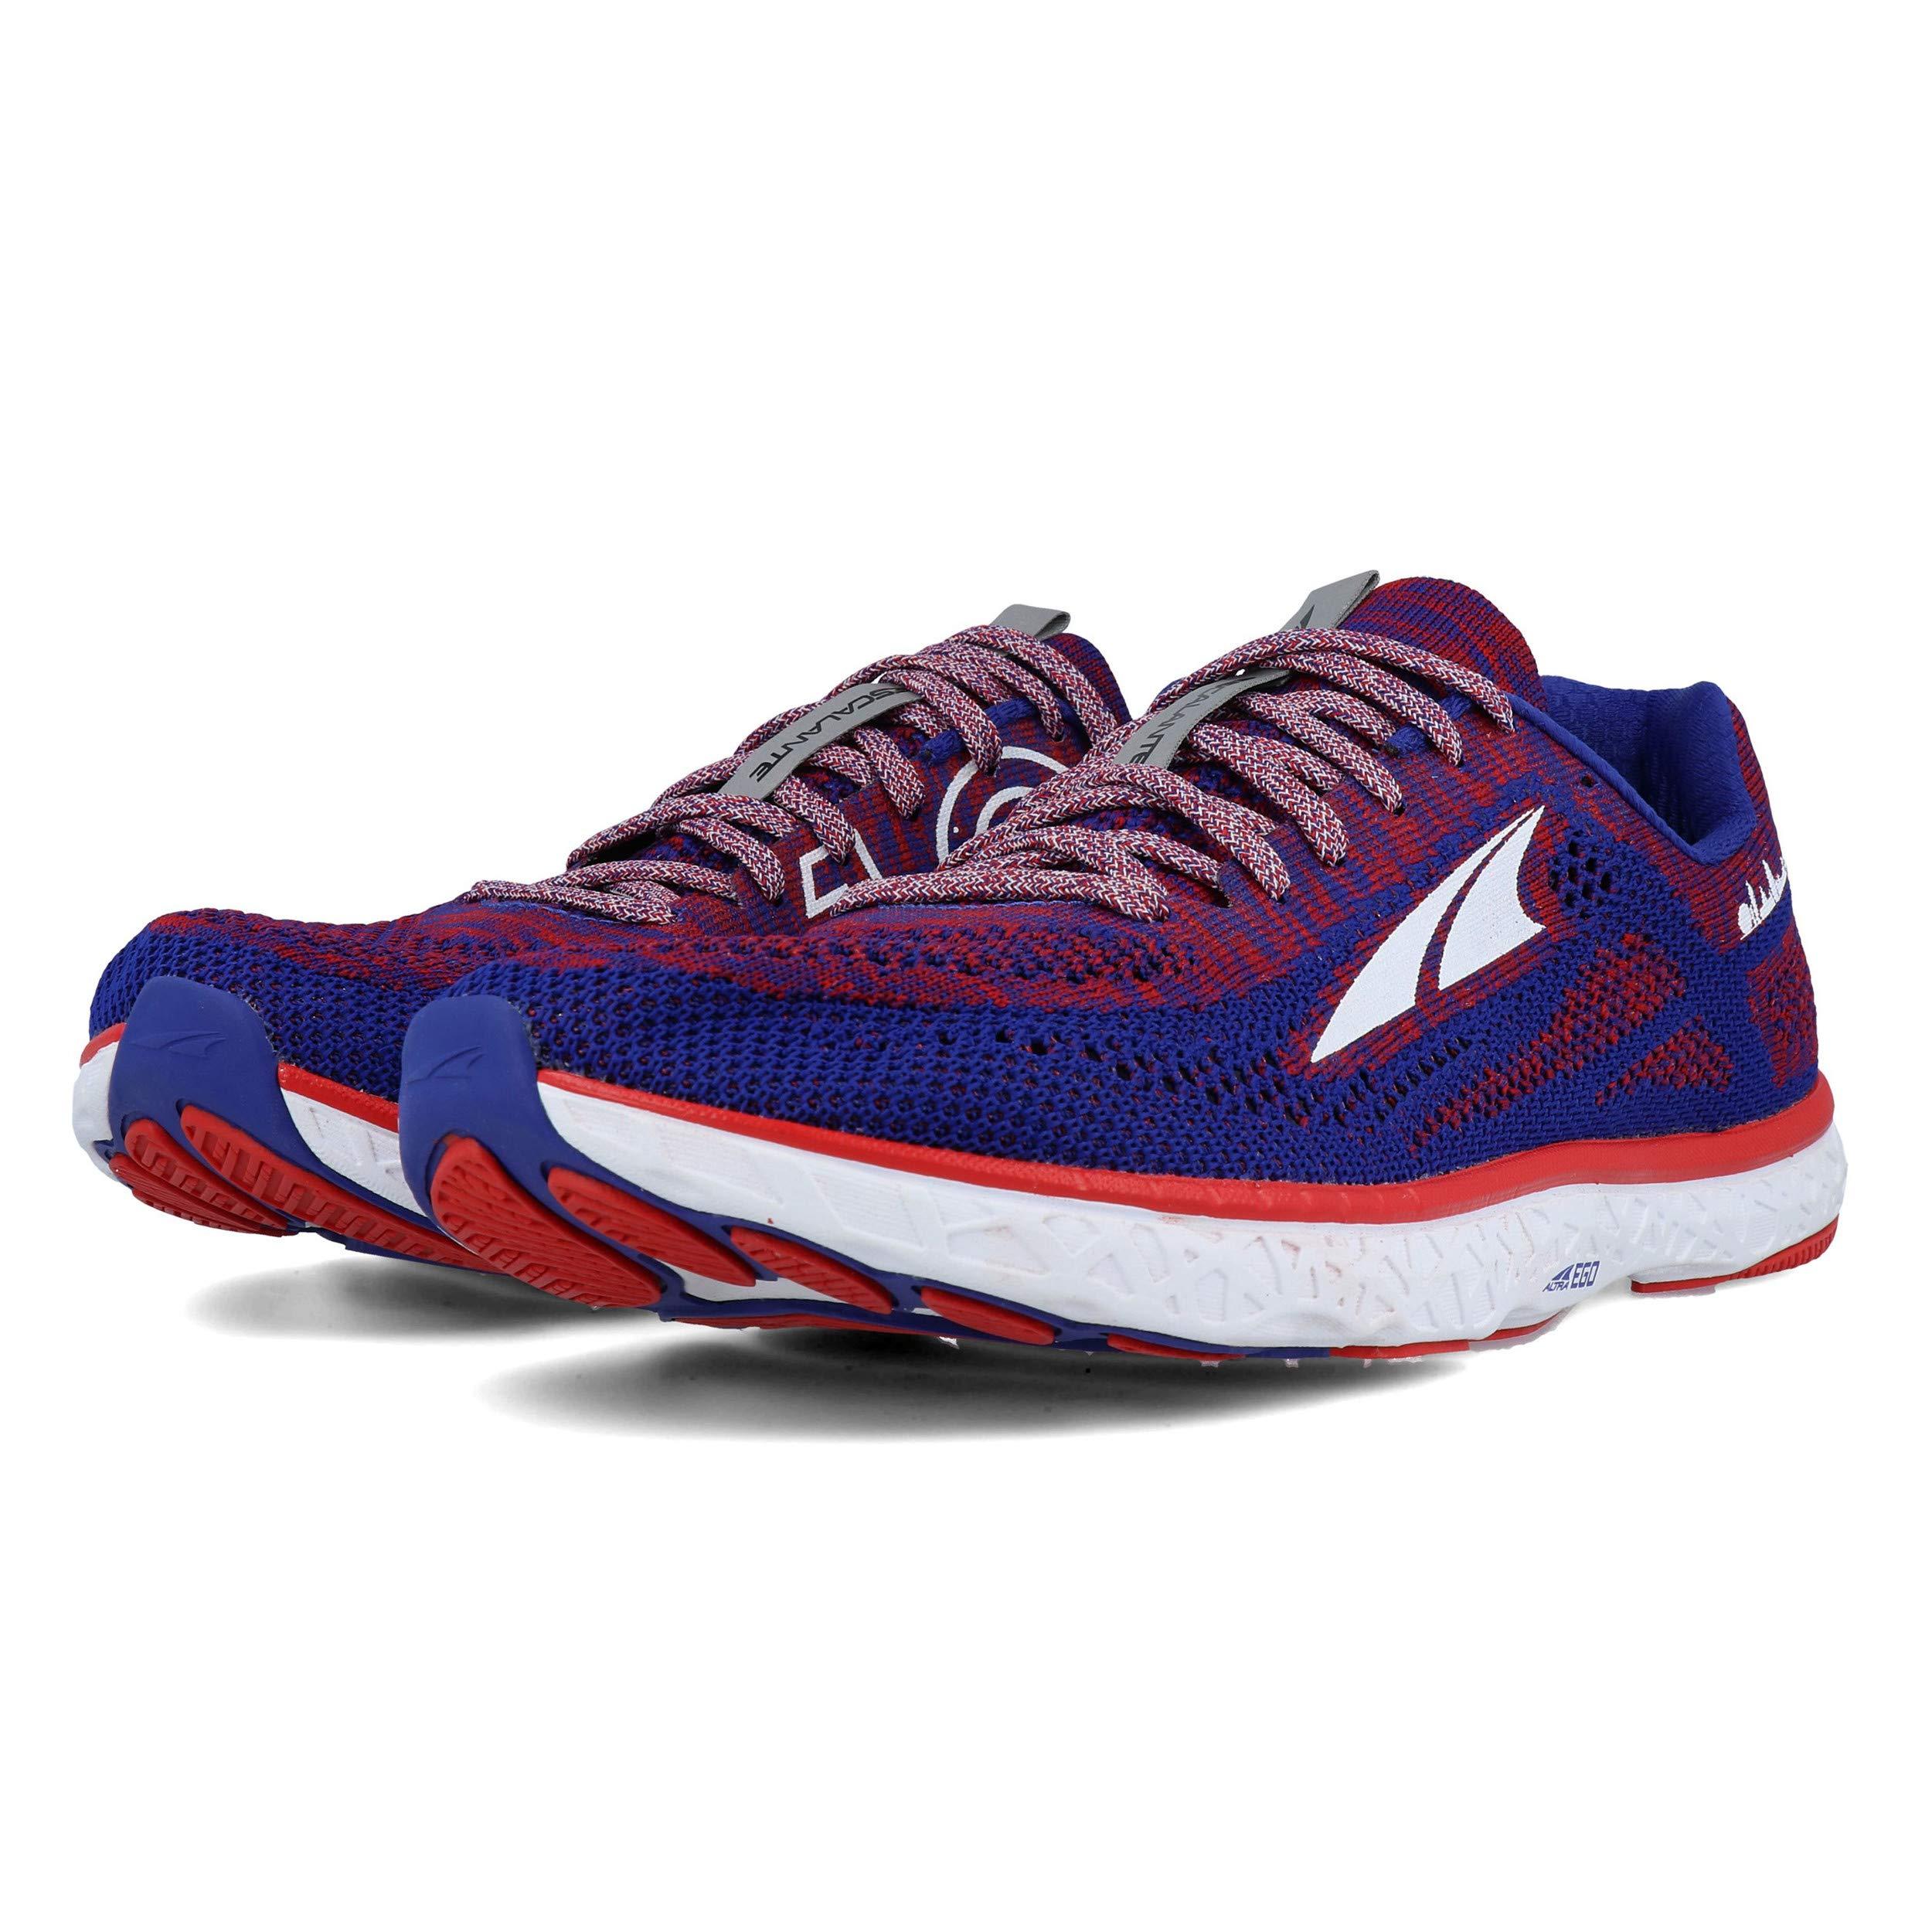 Altra Men's Escalante Racer Running Shoe (10.5, London)